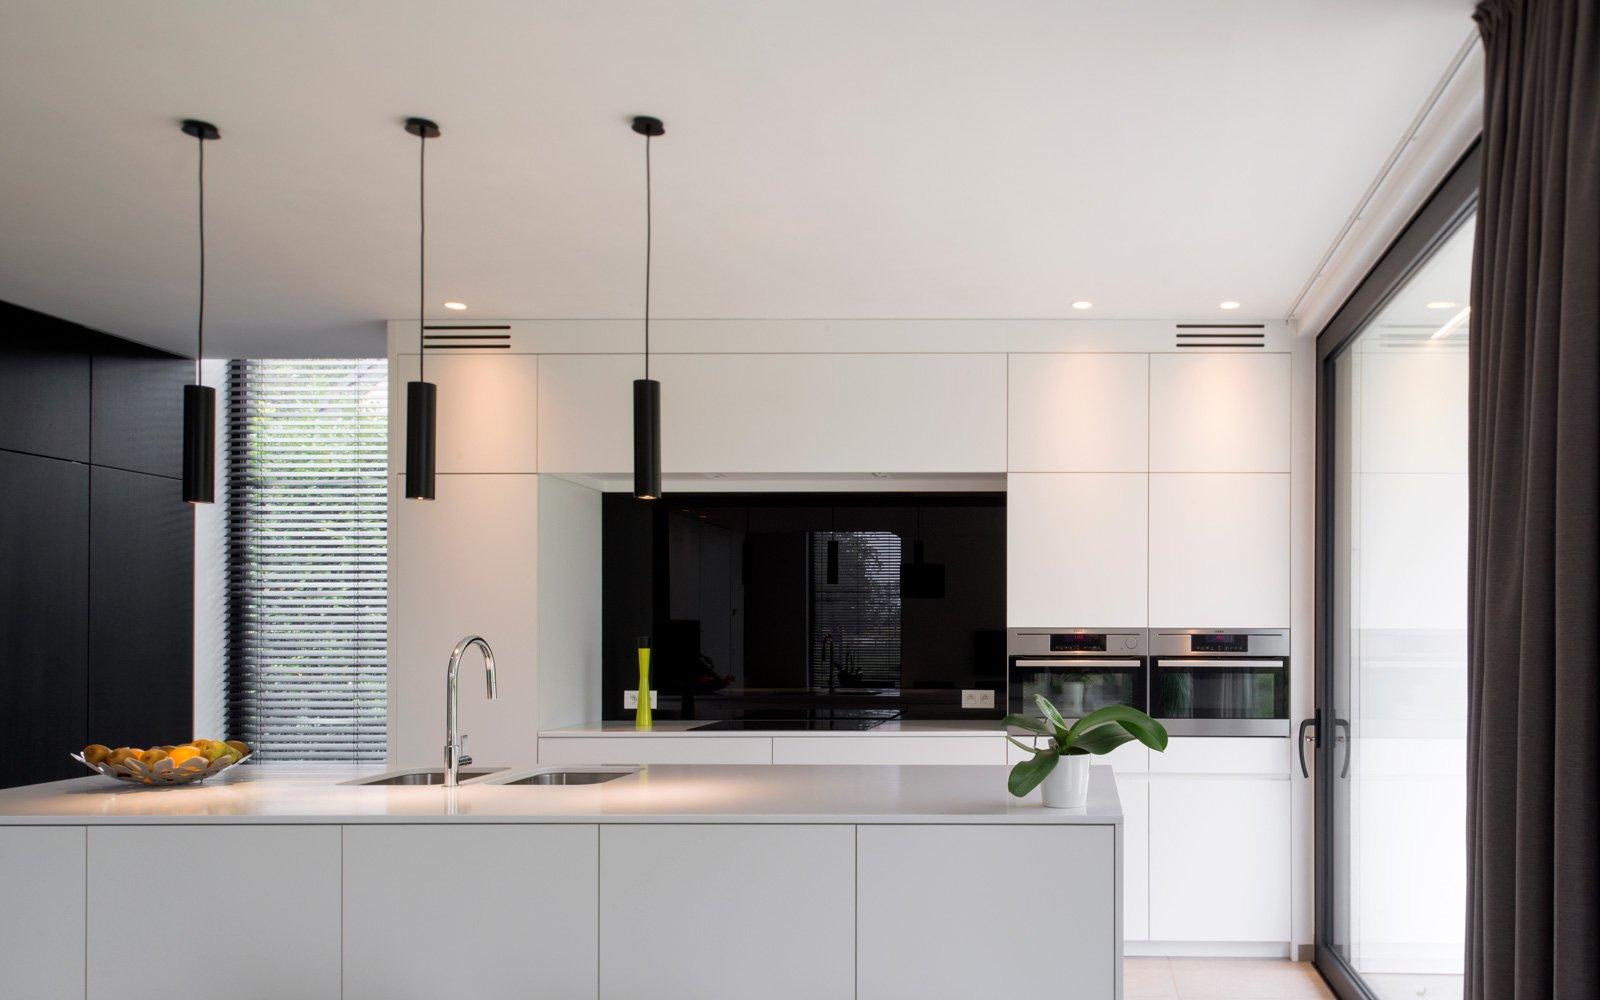 Modern Gezellig Interieur : Moderne nieuwbouw hulpia architecten the art of living be